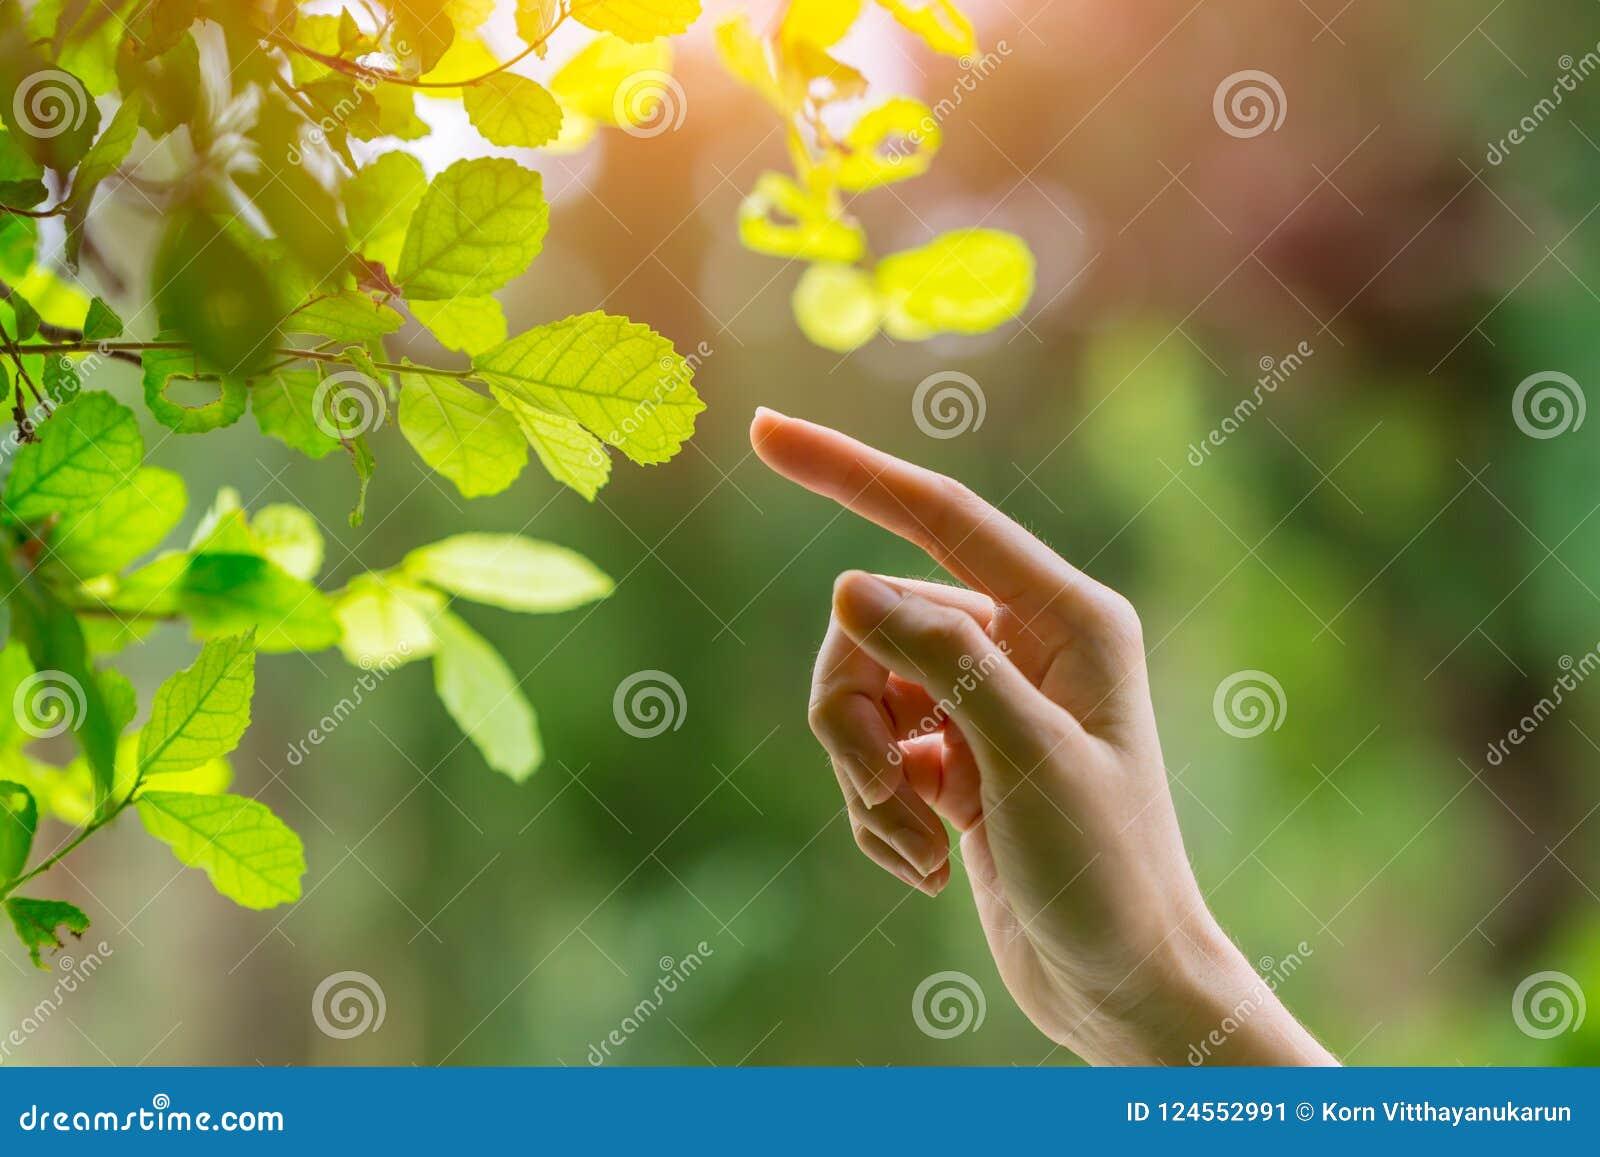 Menschliche Hand, die Finger auf Naturgrünblatt zeigend sich berührt